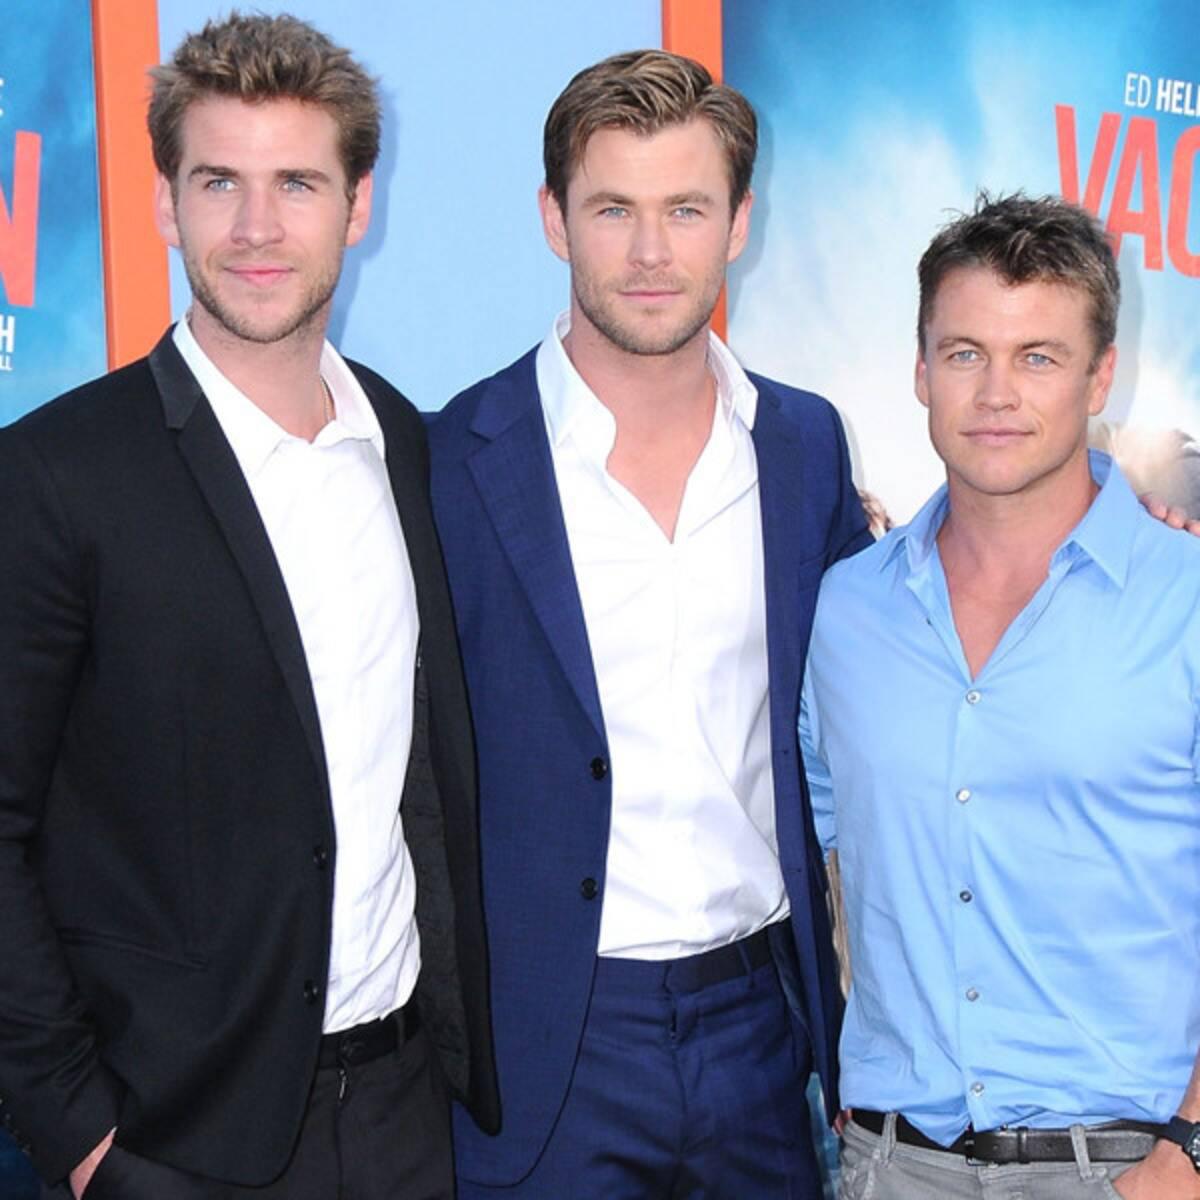 6 cặp anh chị em quyền lực nhất Hollywood: Chị em Hadid, Fanning cực phẩm, nhà Kardashian và Zack & Cody toàn rich kid - Ảnh 24.